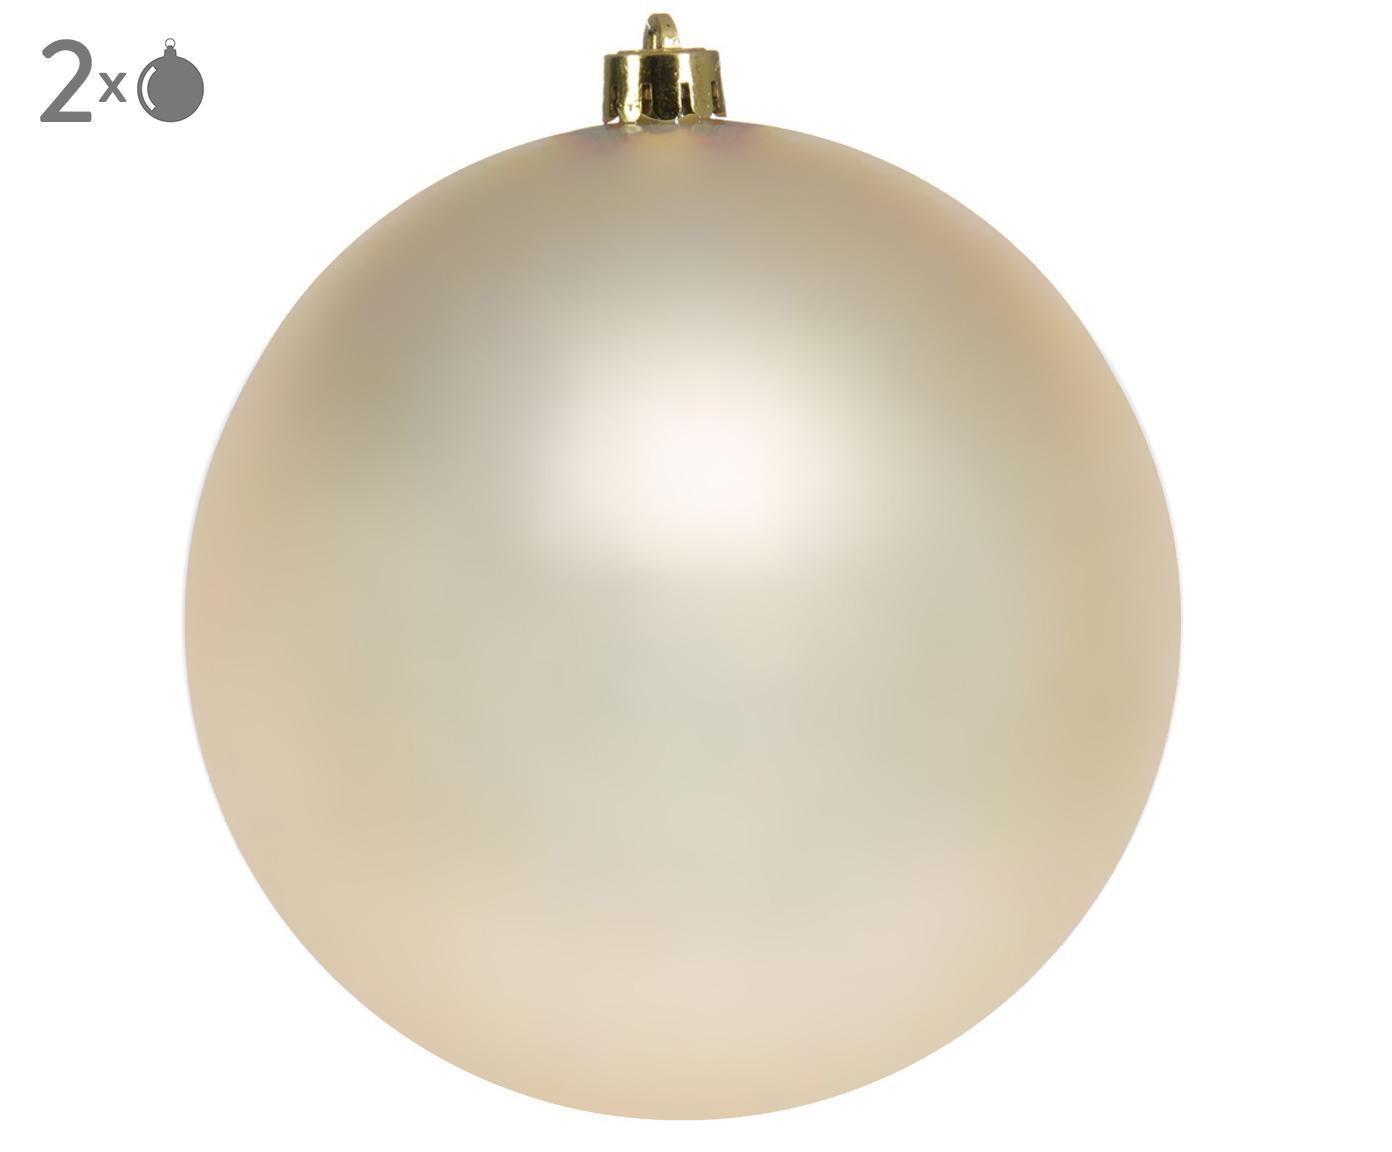 Palla di Natale Minstix, 2 pz., Materiale sintetico, Beige, Ø 14 cm